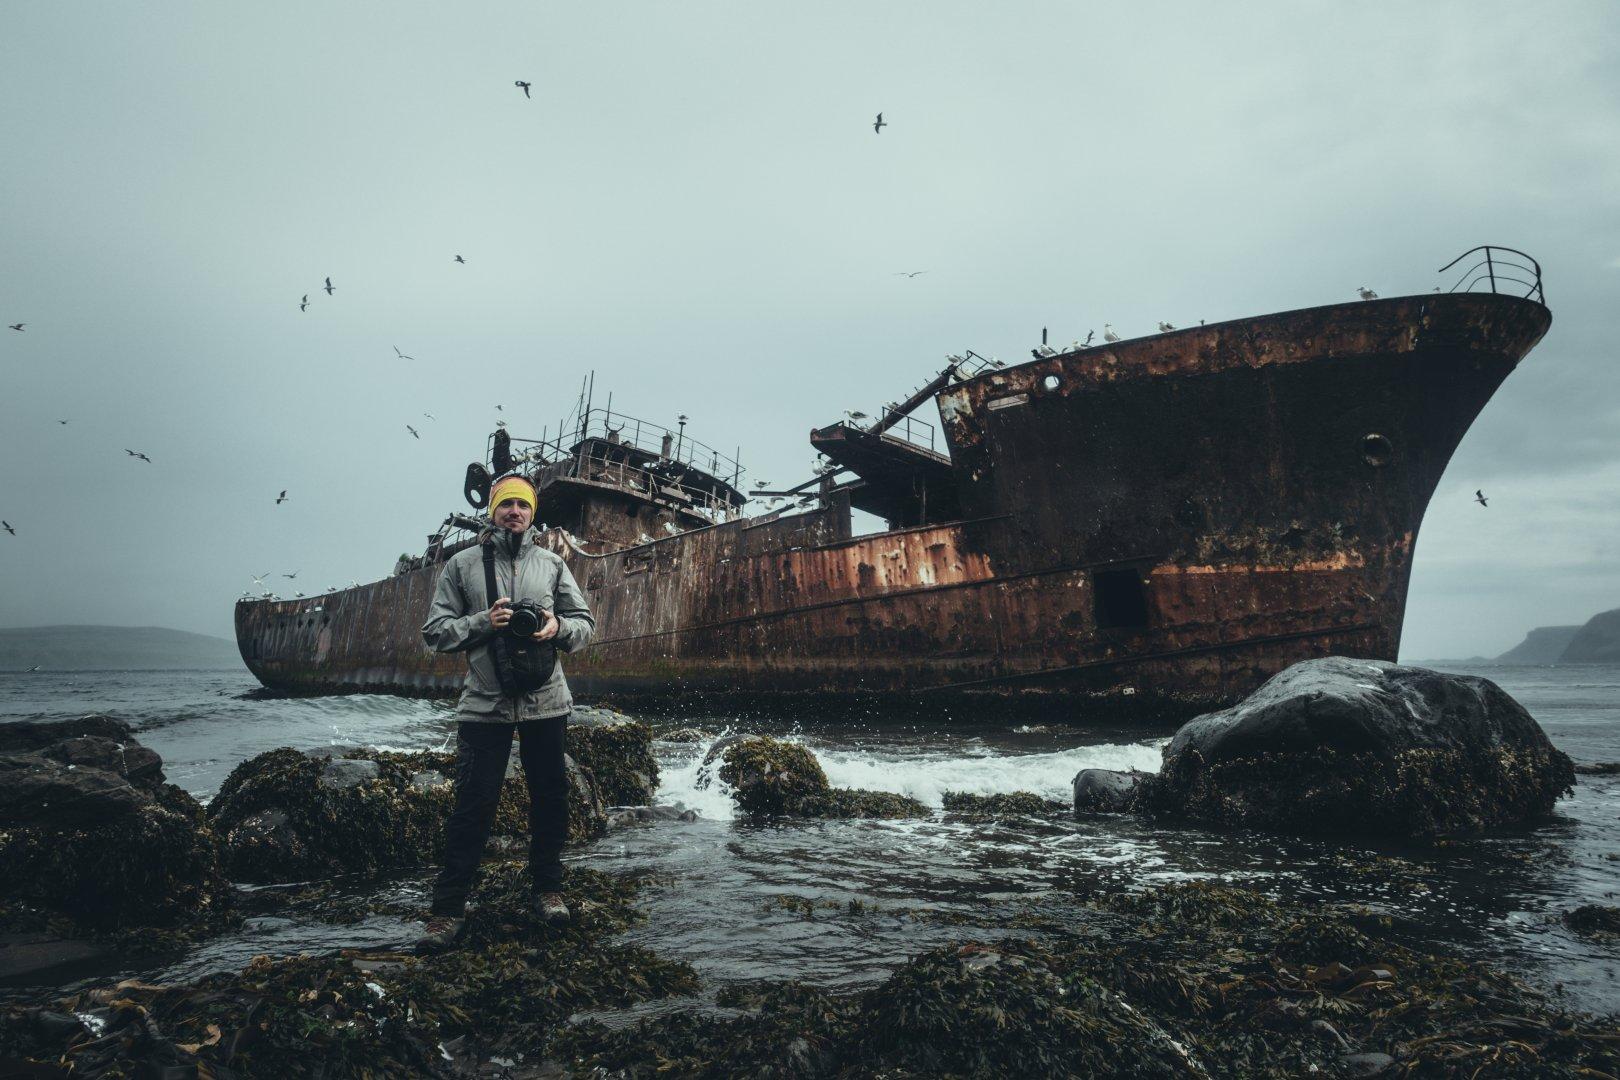 Видео-отчет об Экспедиции на Курильские острова